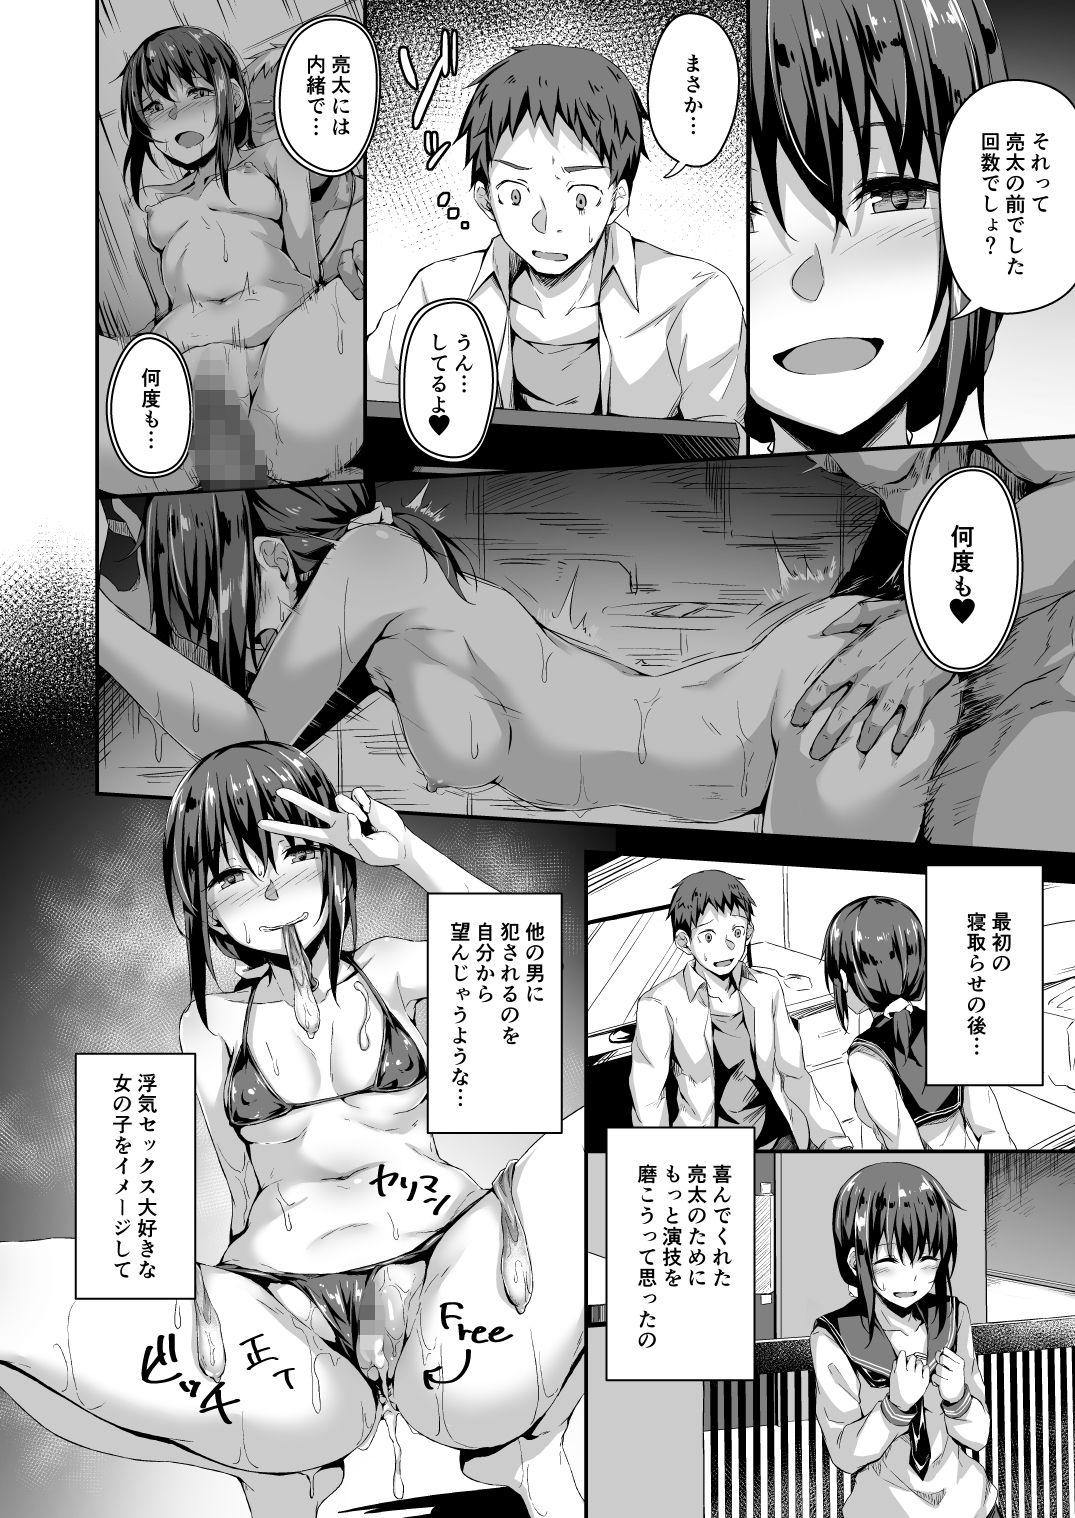 【エロ漫画無料大全集】【NTRエロ漫画】寝取られプレーで本気でセックス好きになってしまった女の子が…